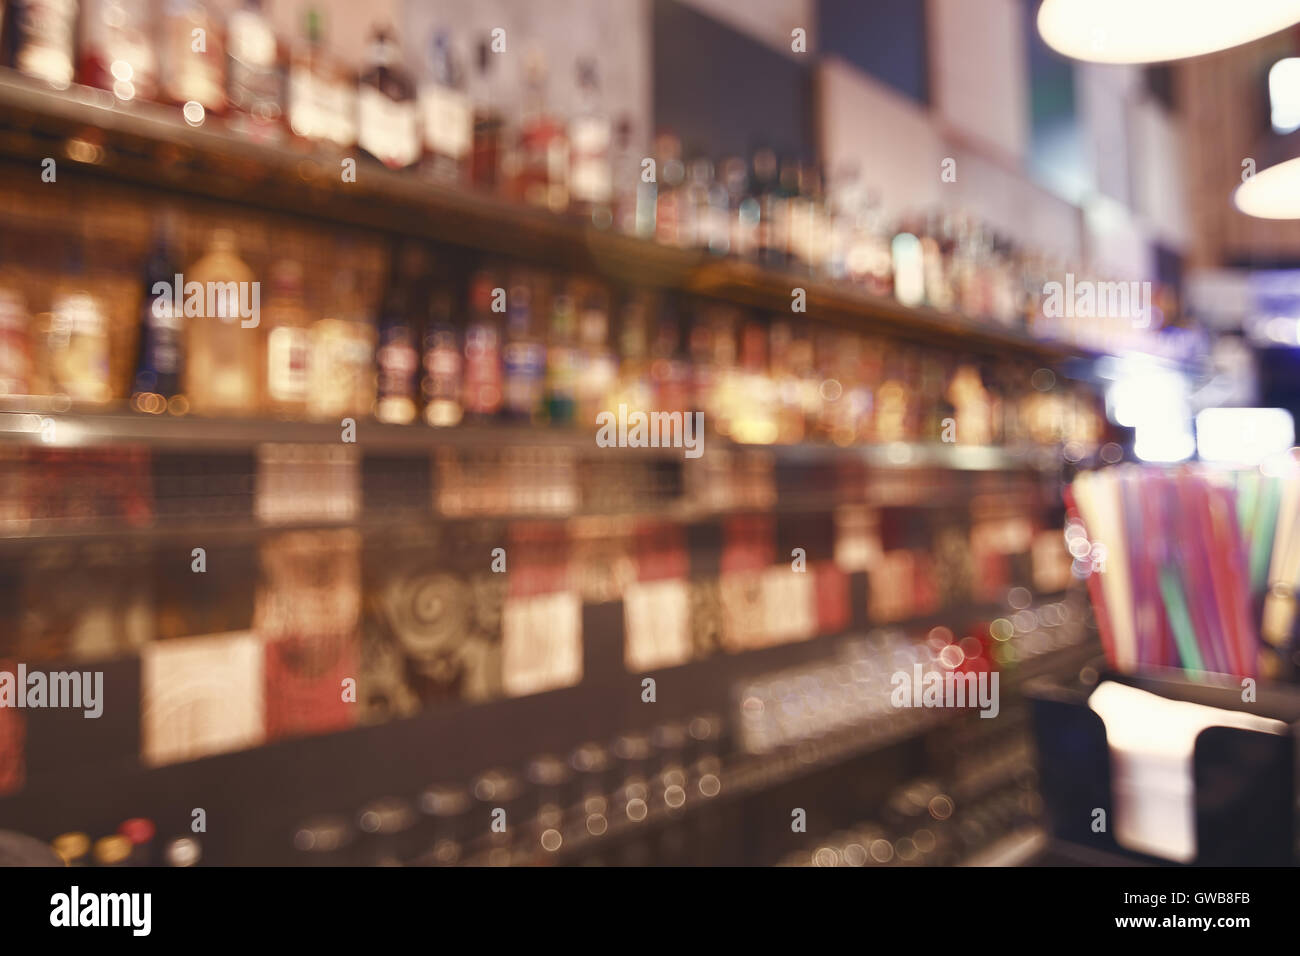 Niedlich Bar Zurück Fortsetzen Fotos - Beispiel Business Lebenslauf ...